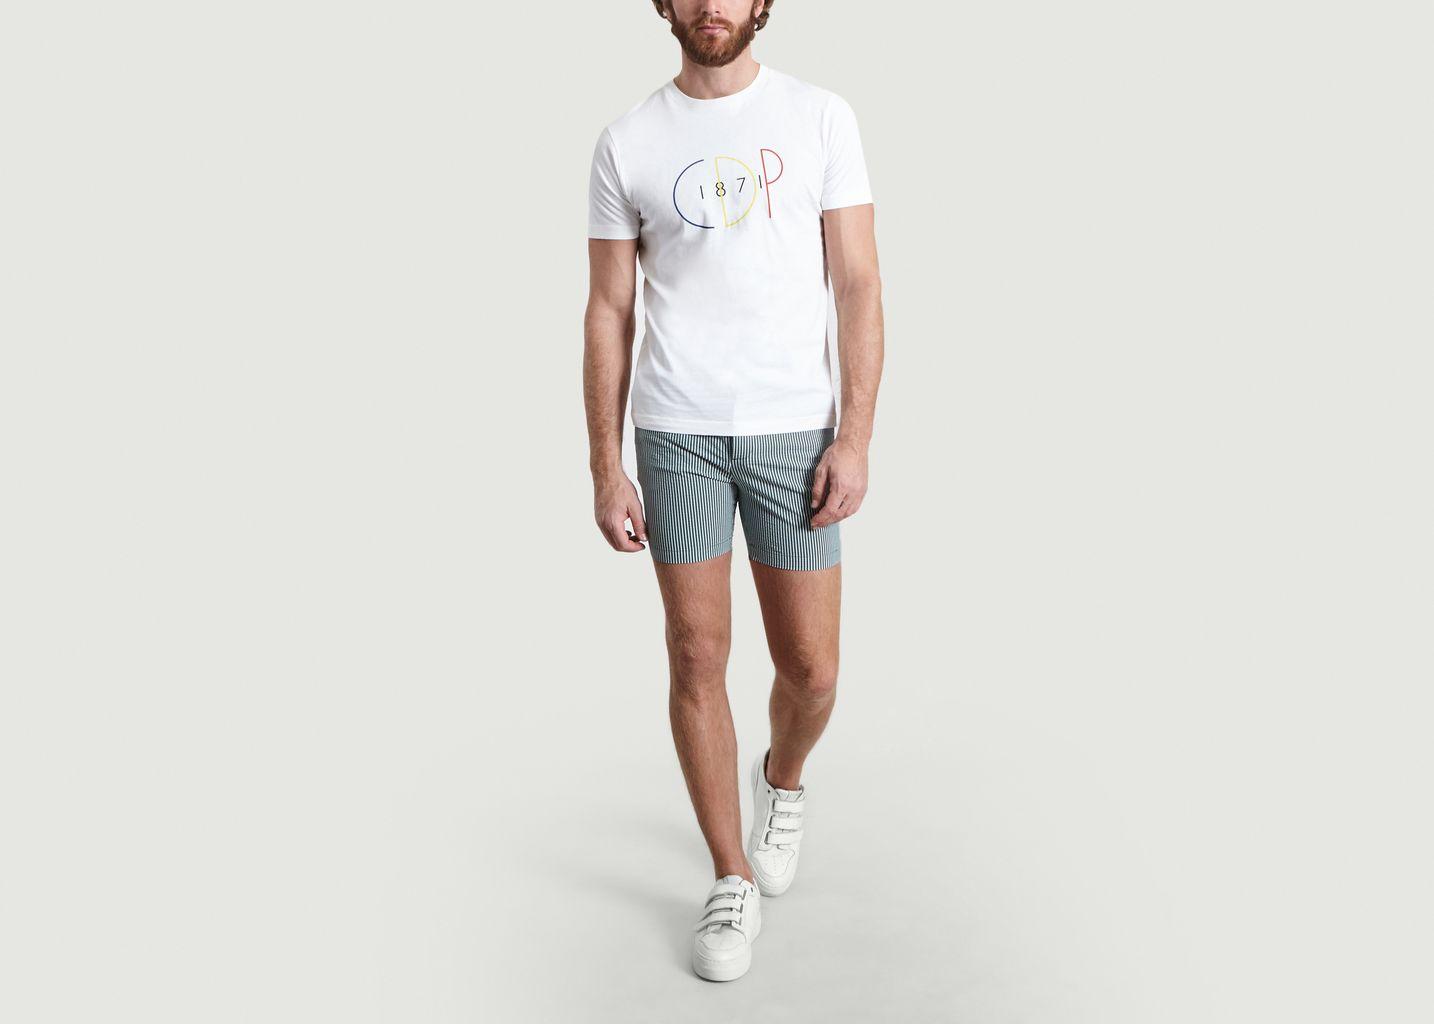 T-Shirt Logotypé CDP 1871 - Commune de Paris